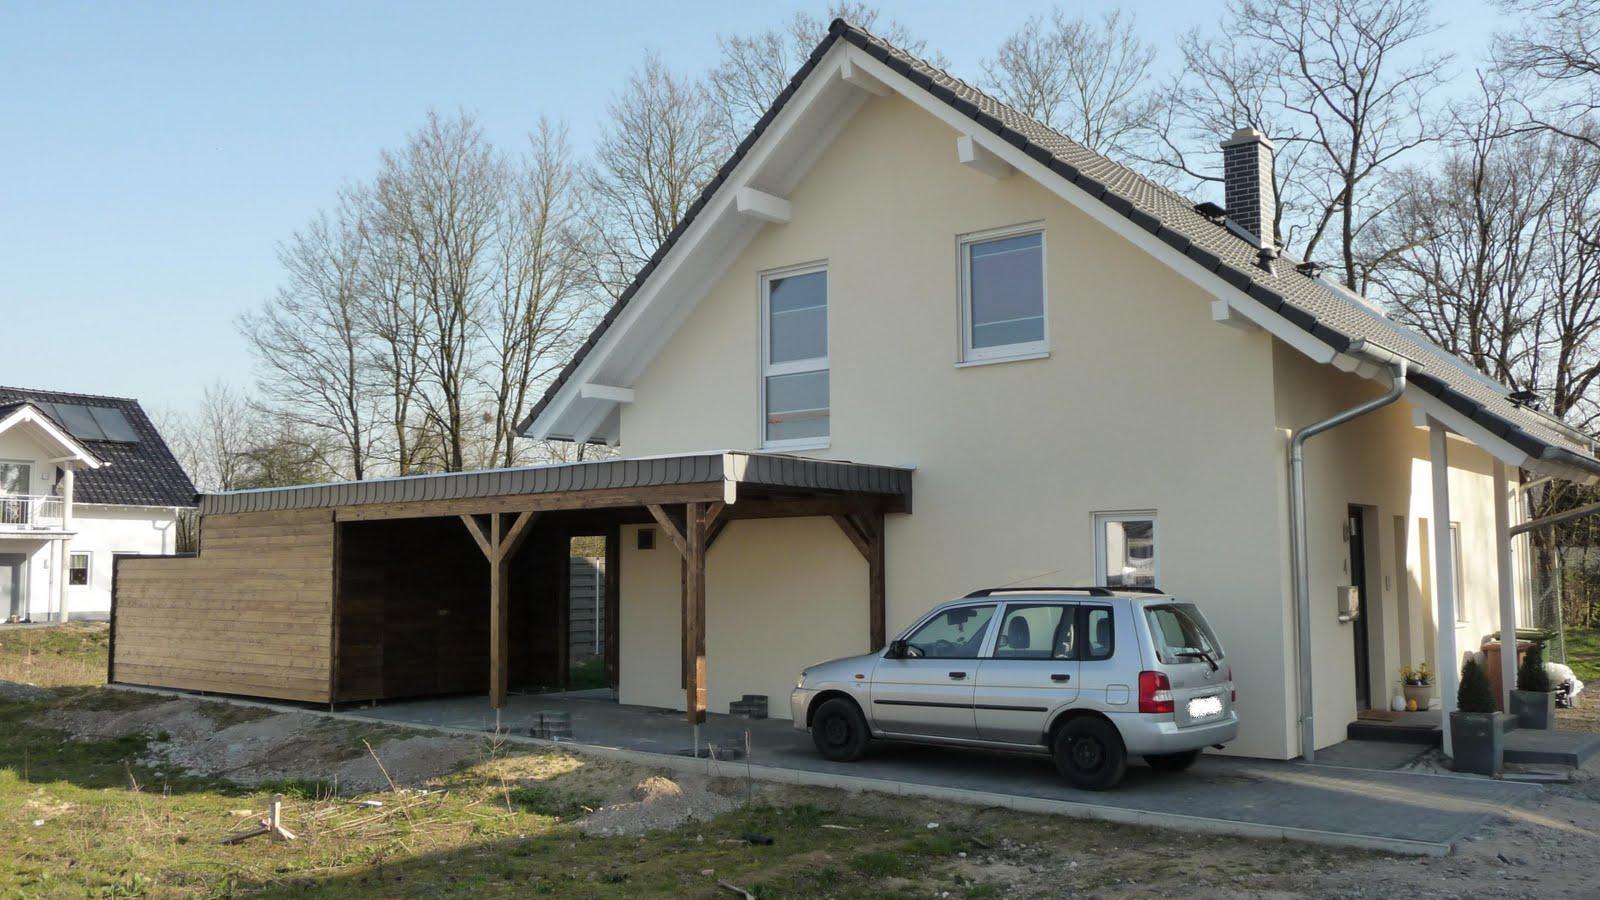 Fingerhaus vio 200  Wir bauen mit FingerHaus ein Flair 200: Die Gartensaison kann ...